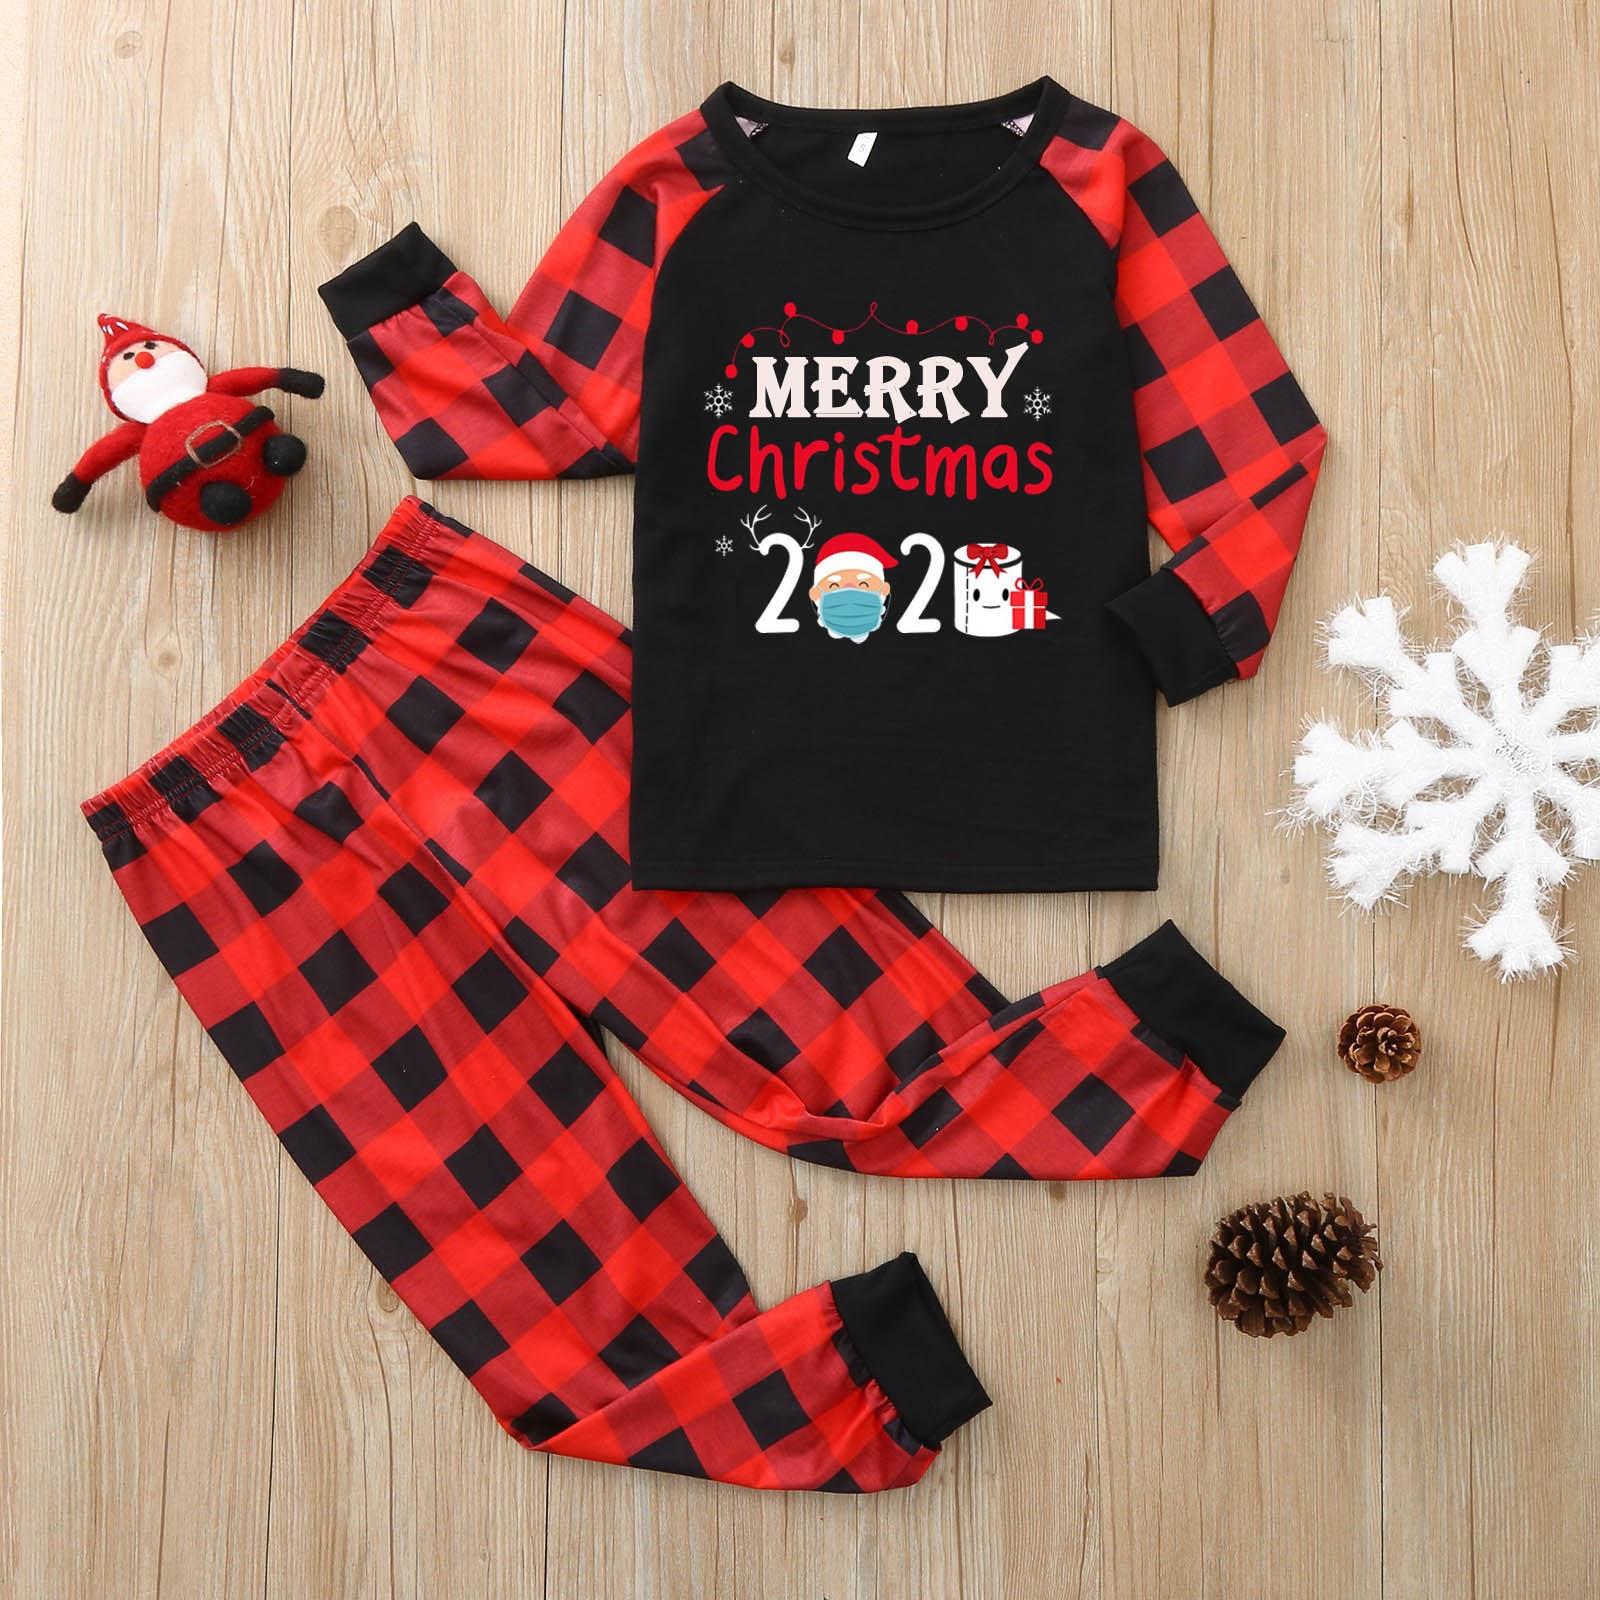 Enfant cadeaux de noël 2020 joyeux noël impression rouge treillis pyjamas deux pièces élastique bande pantalon Parent-enfant costume pyjamas